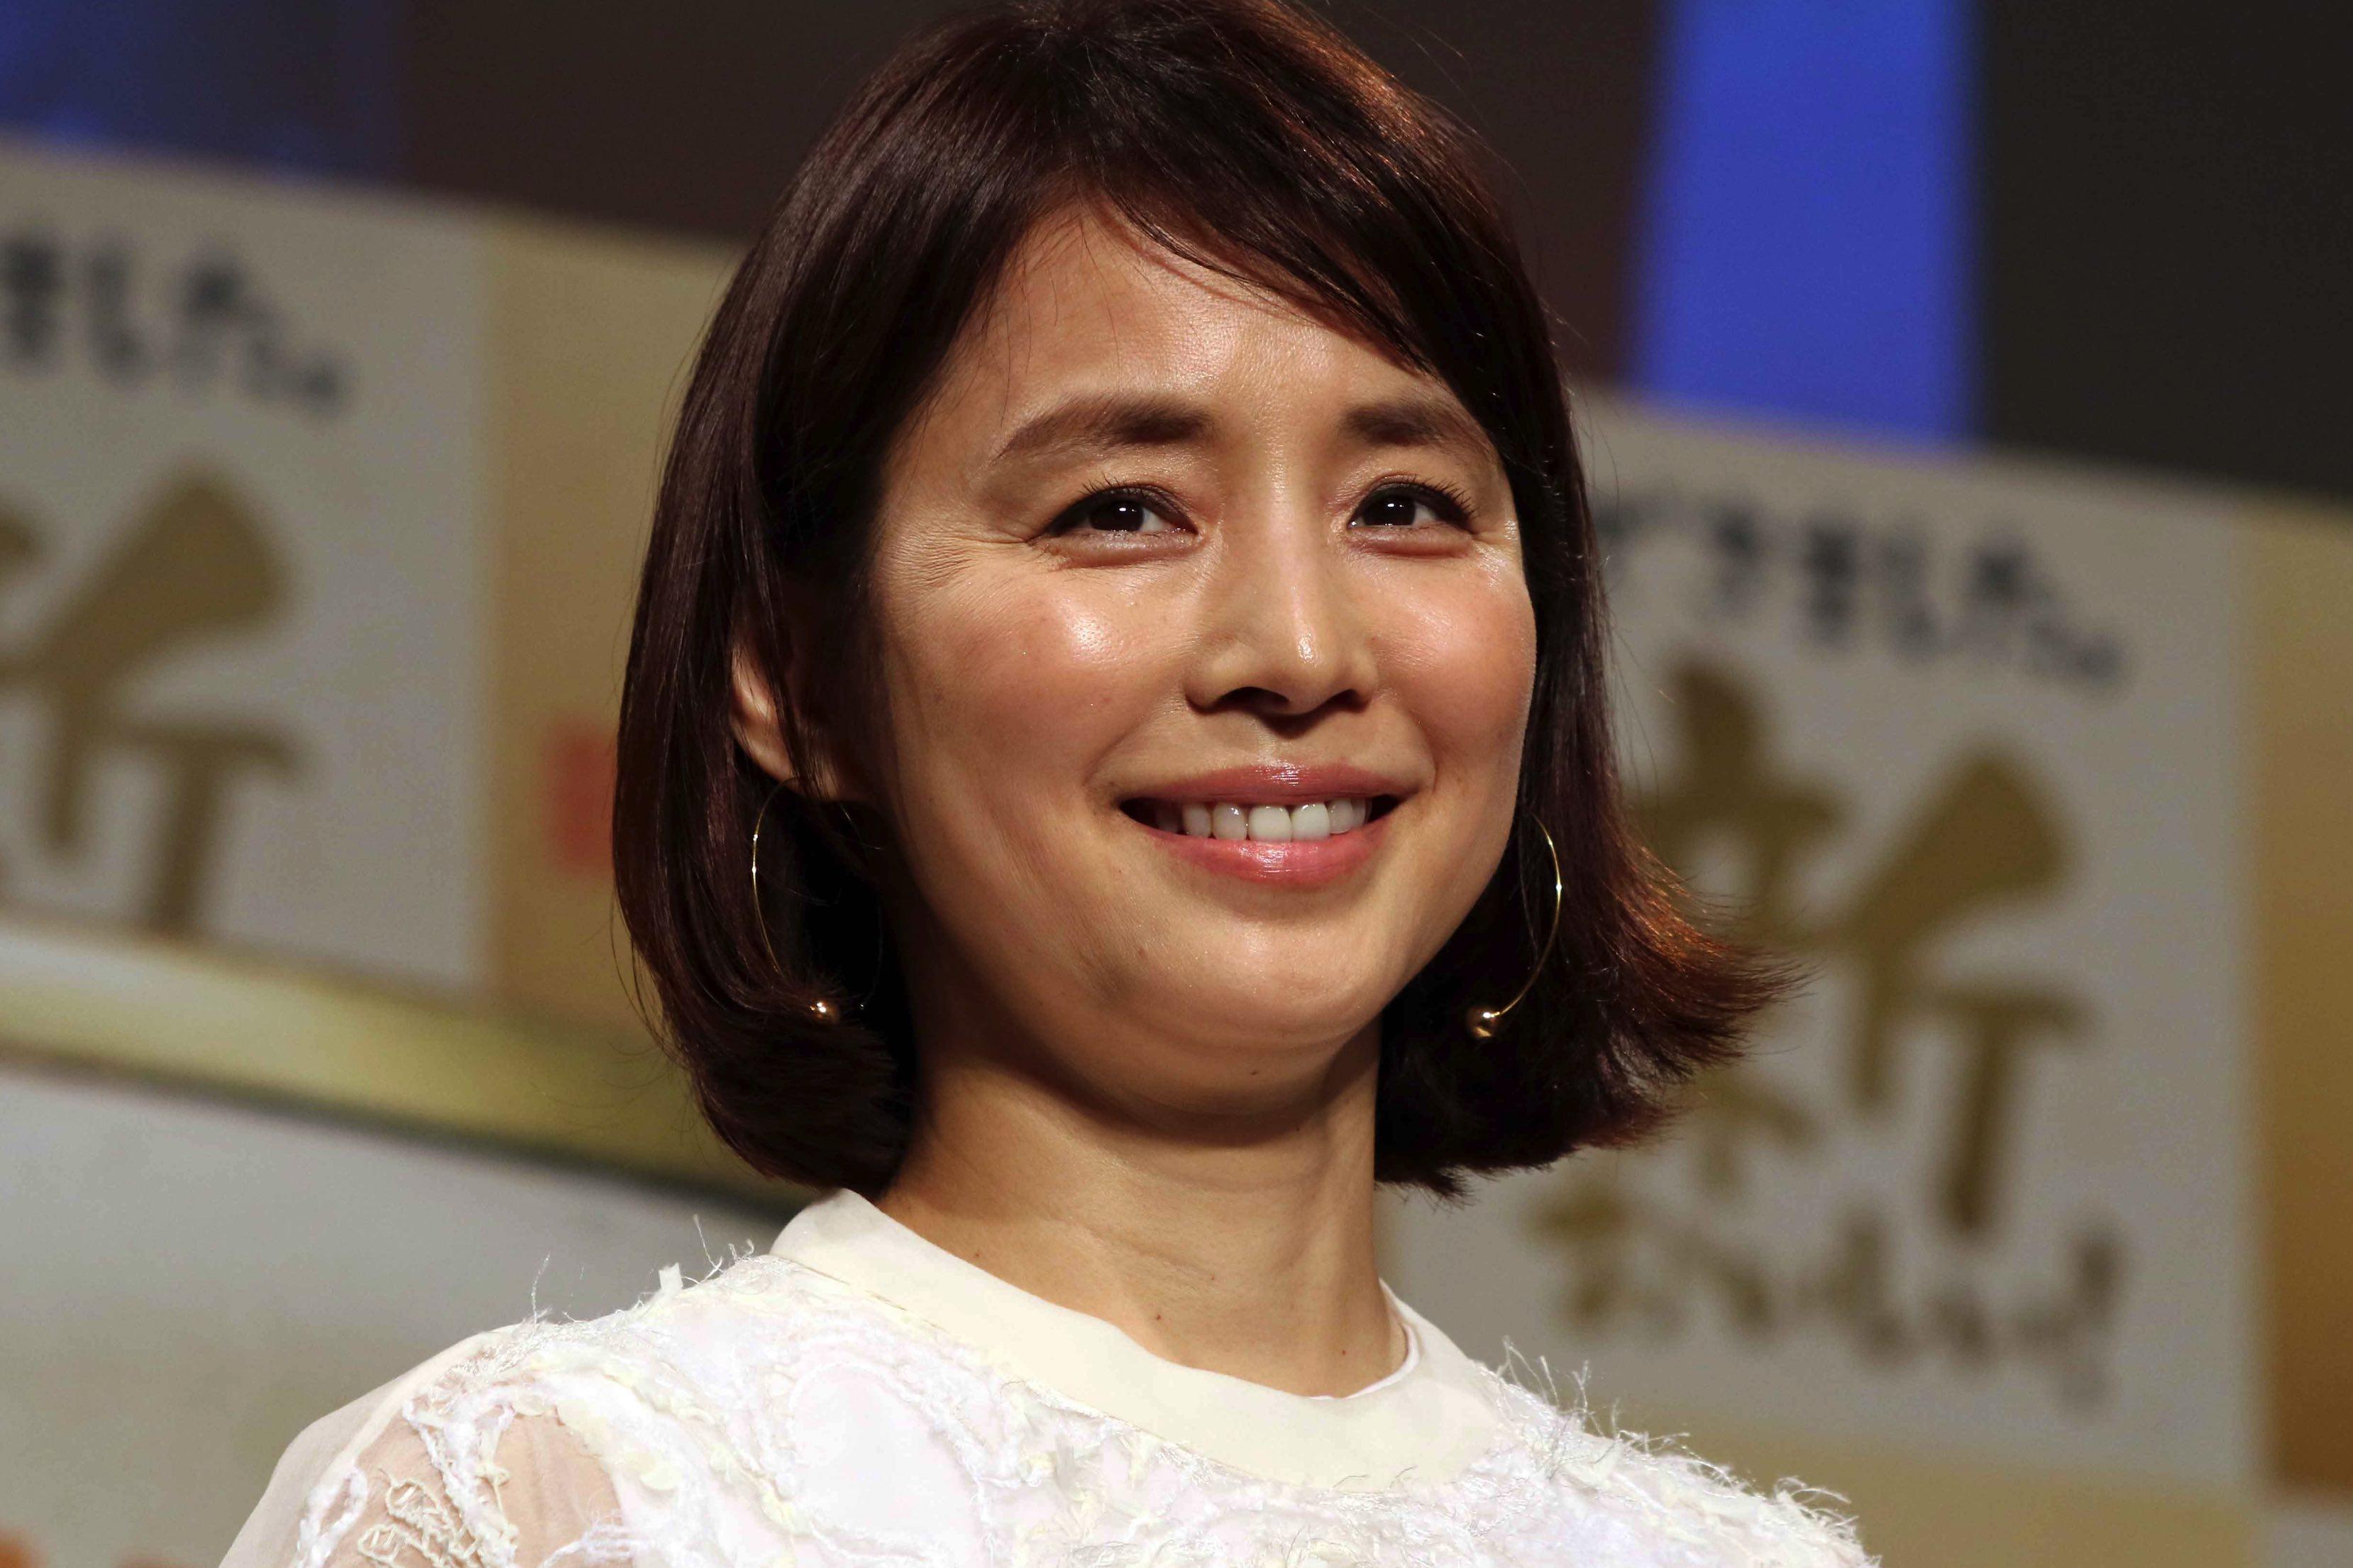 石田ゆり子 親友 板谷由夏との仲良しエピソード披露 2人の関係性が